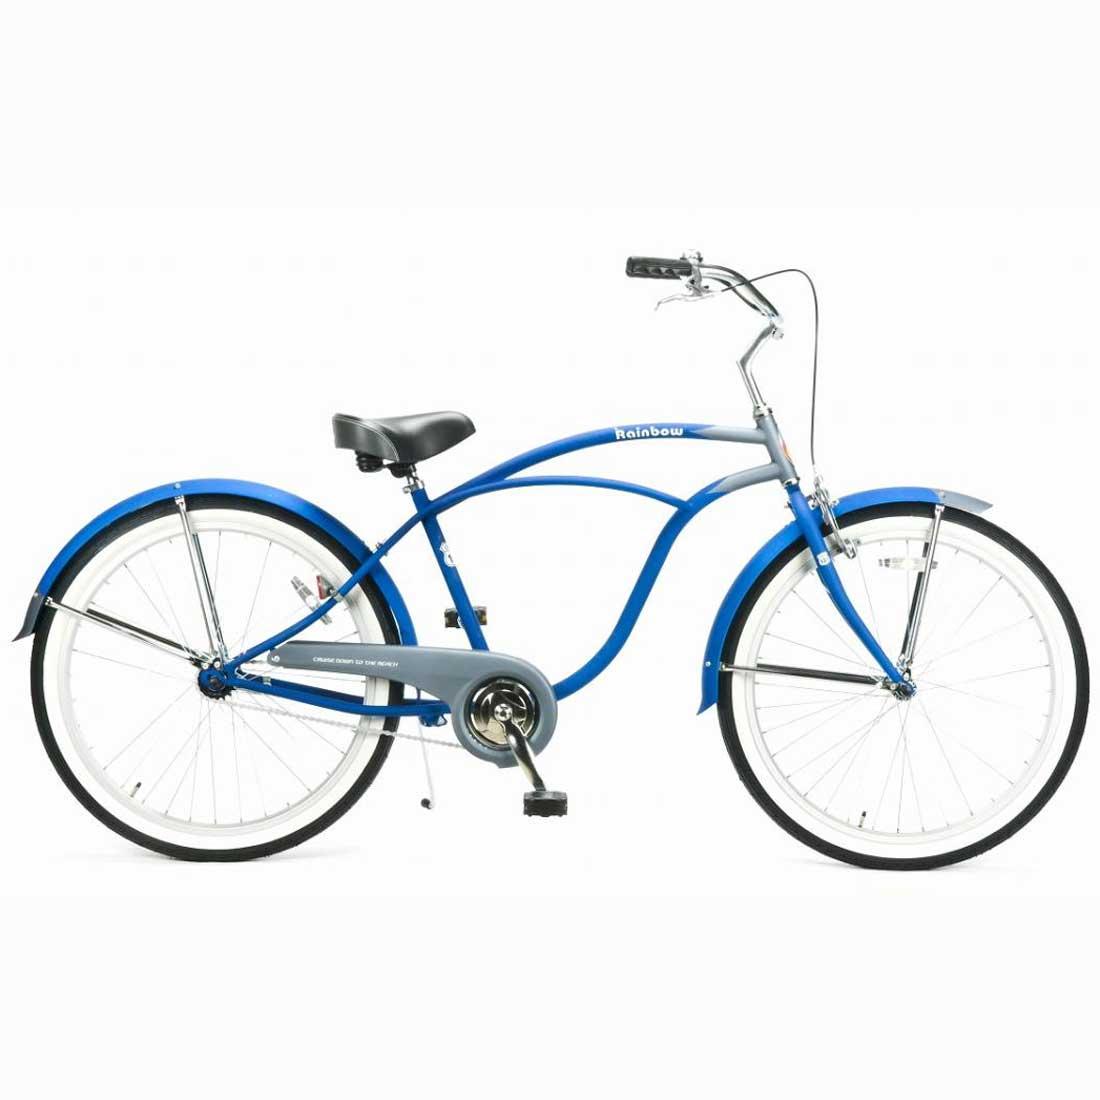 ビーチクルーザー 26インチ おしゃれ 自転車 通勤 通学 レインボービーチクルーザー 26mens-STD オーシャンストーム メンズ レディース